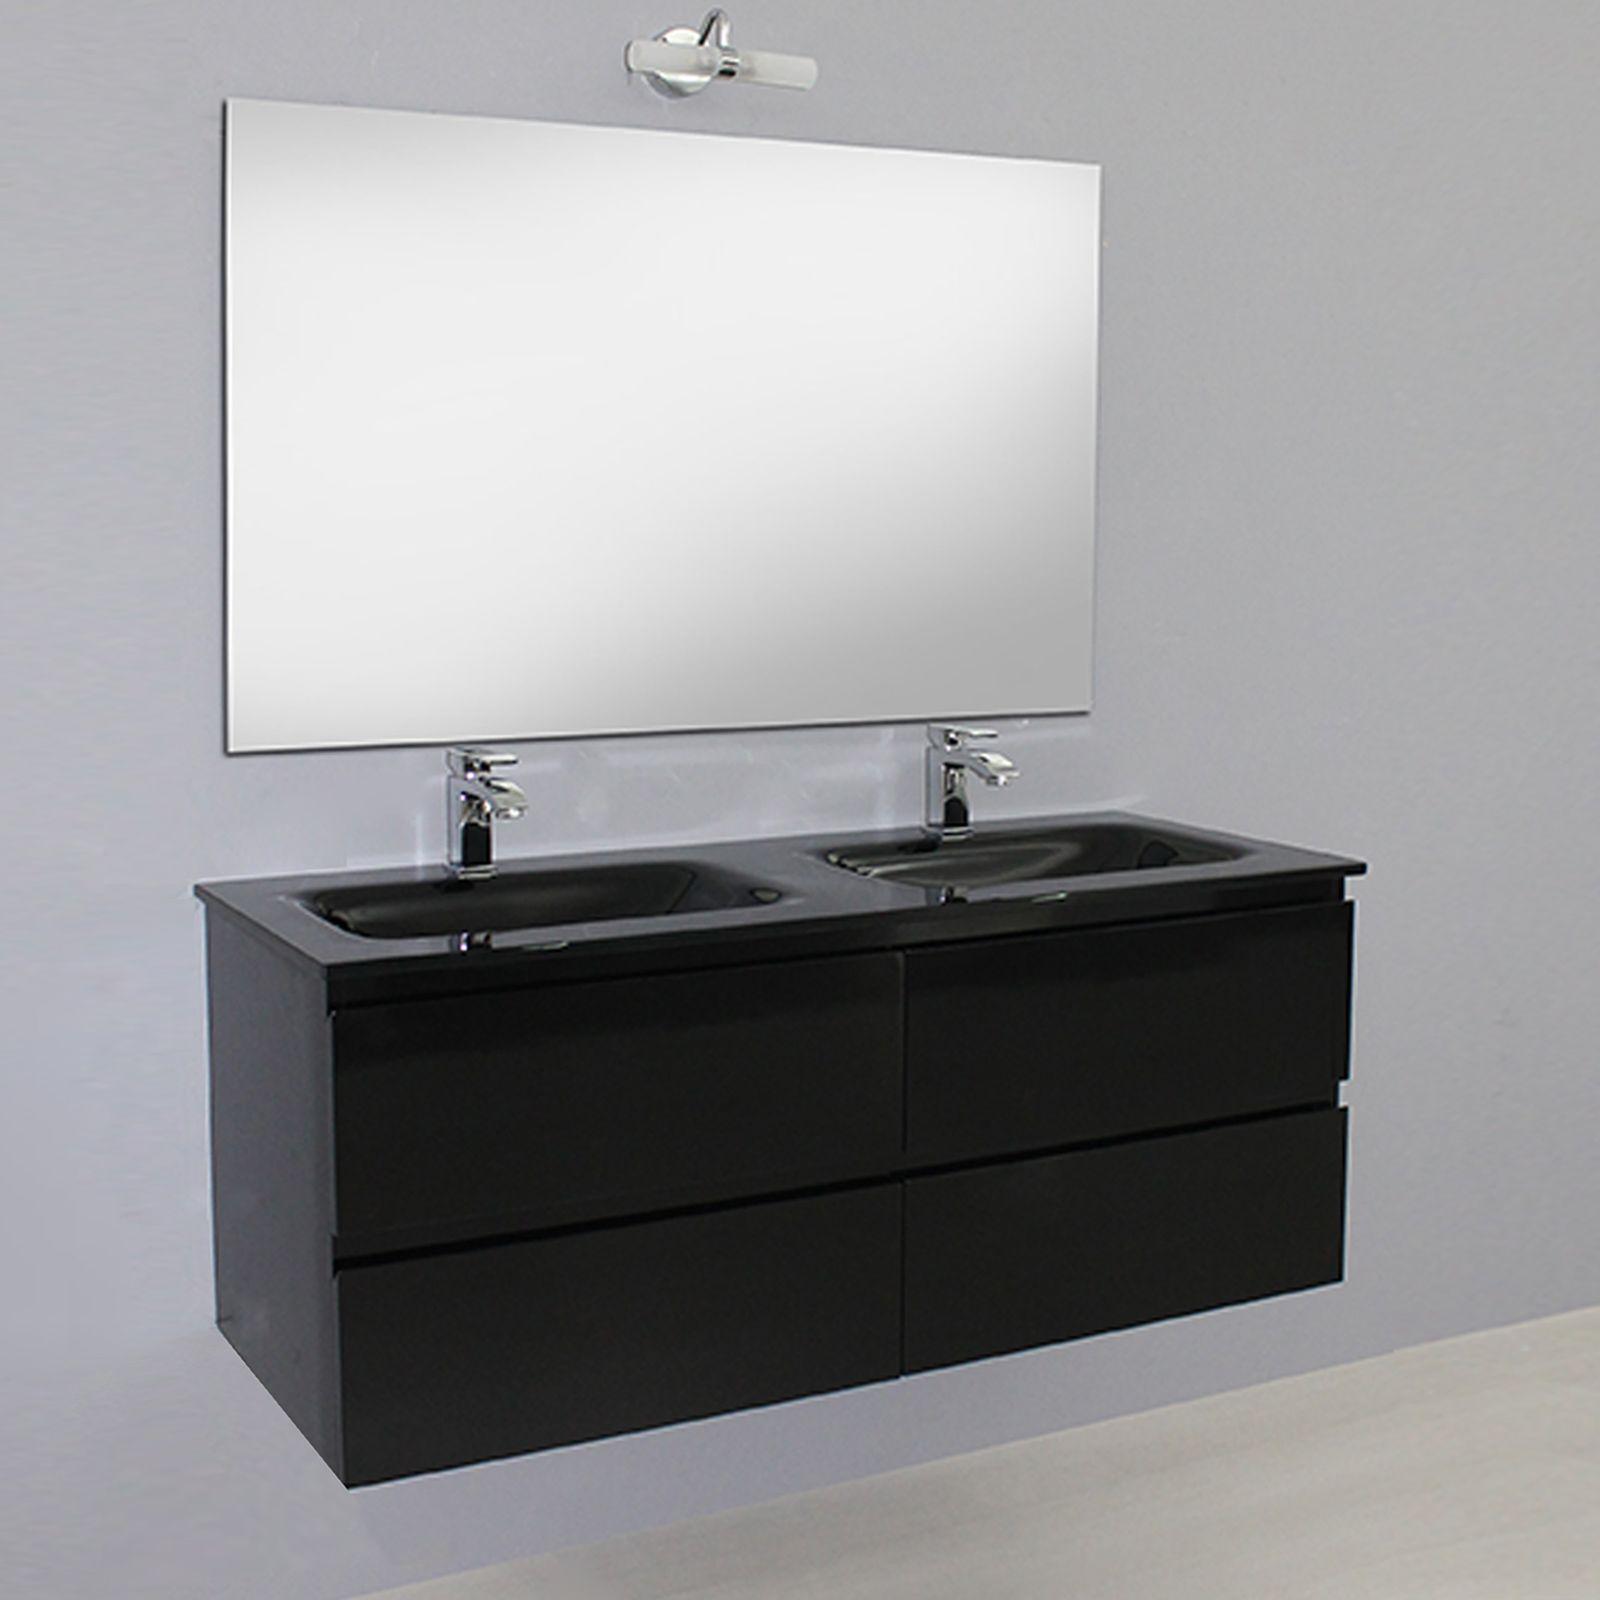 Arredo da bagno mobile bianco doppio lavabo cristallo 120 cm con specchio ebay - Mobile bagno usato ebay ...